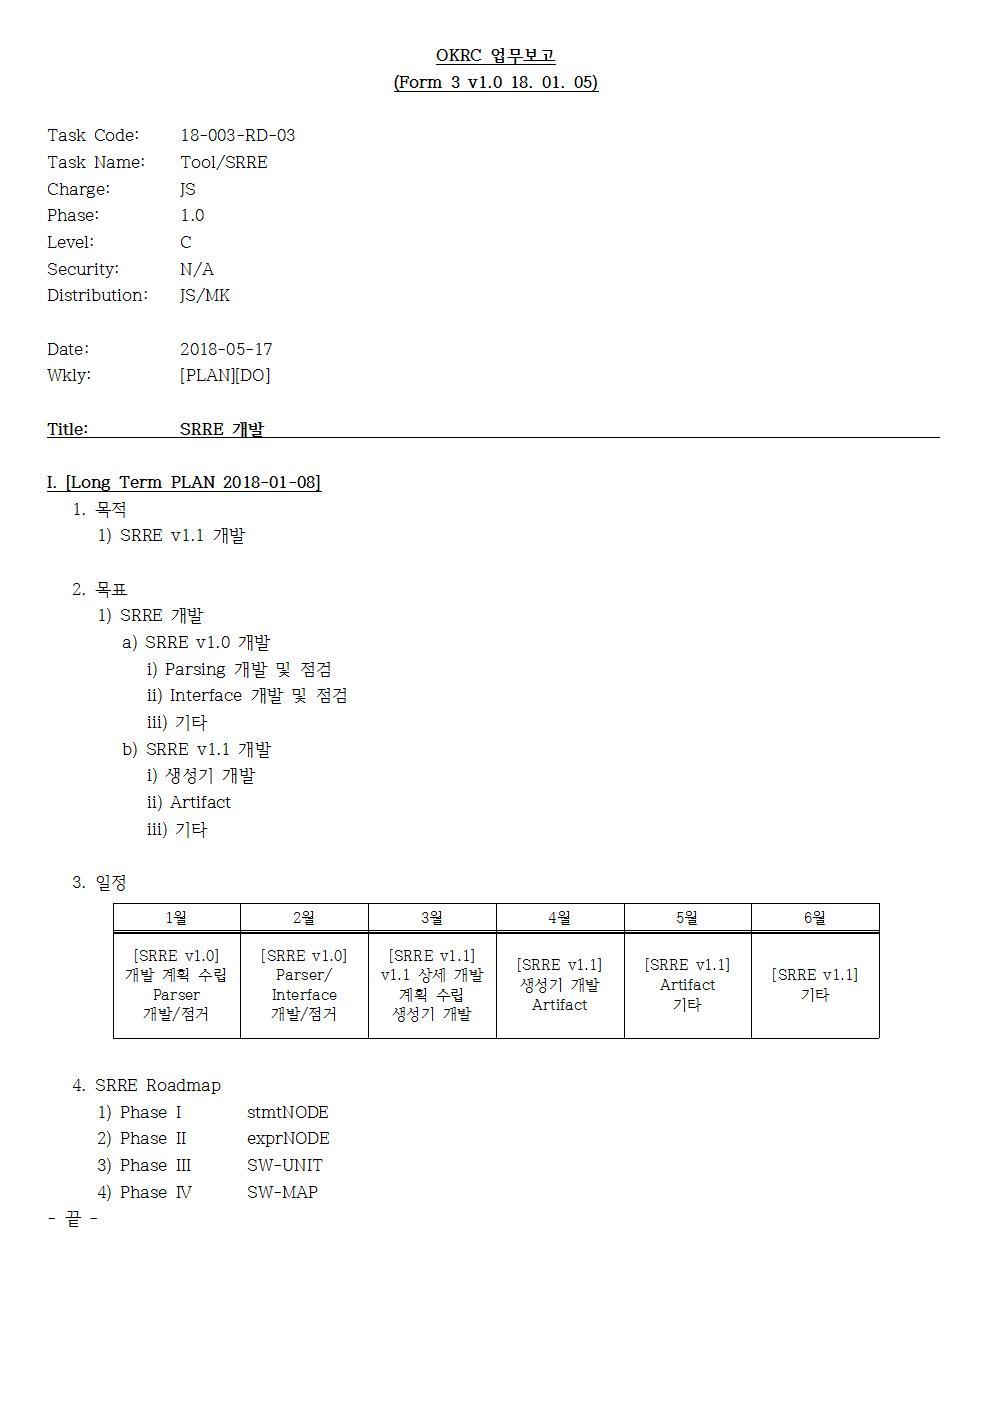 D-[18-003-RD-03]-[SRRE]-[2018-05-17][JS]001.jpg